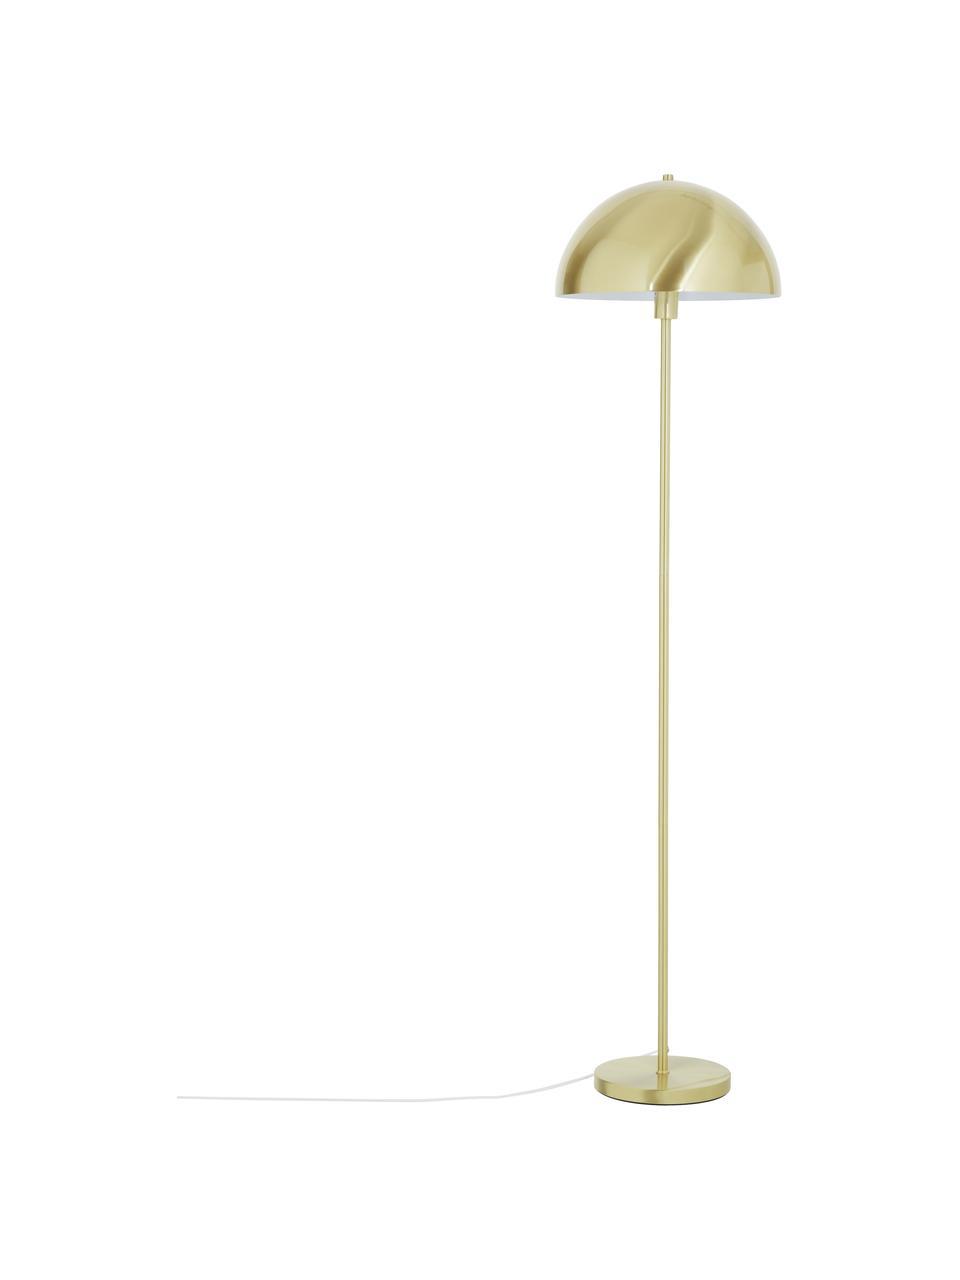 Lampada da terra dorata Matilda, Paralume: metallo spazzolato, Base della lampada: metallo ottonato, Ottonato, Ø 40 x Alt. 164 cm